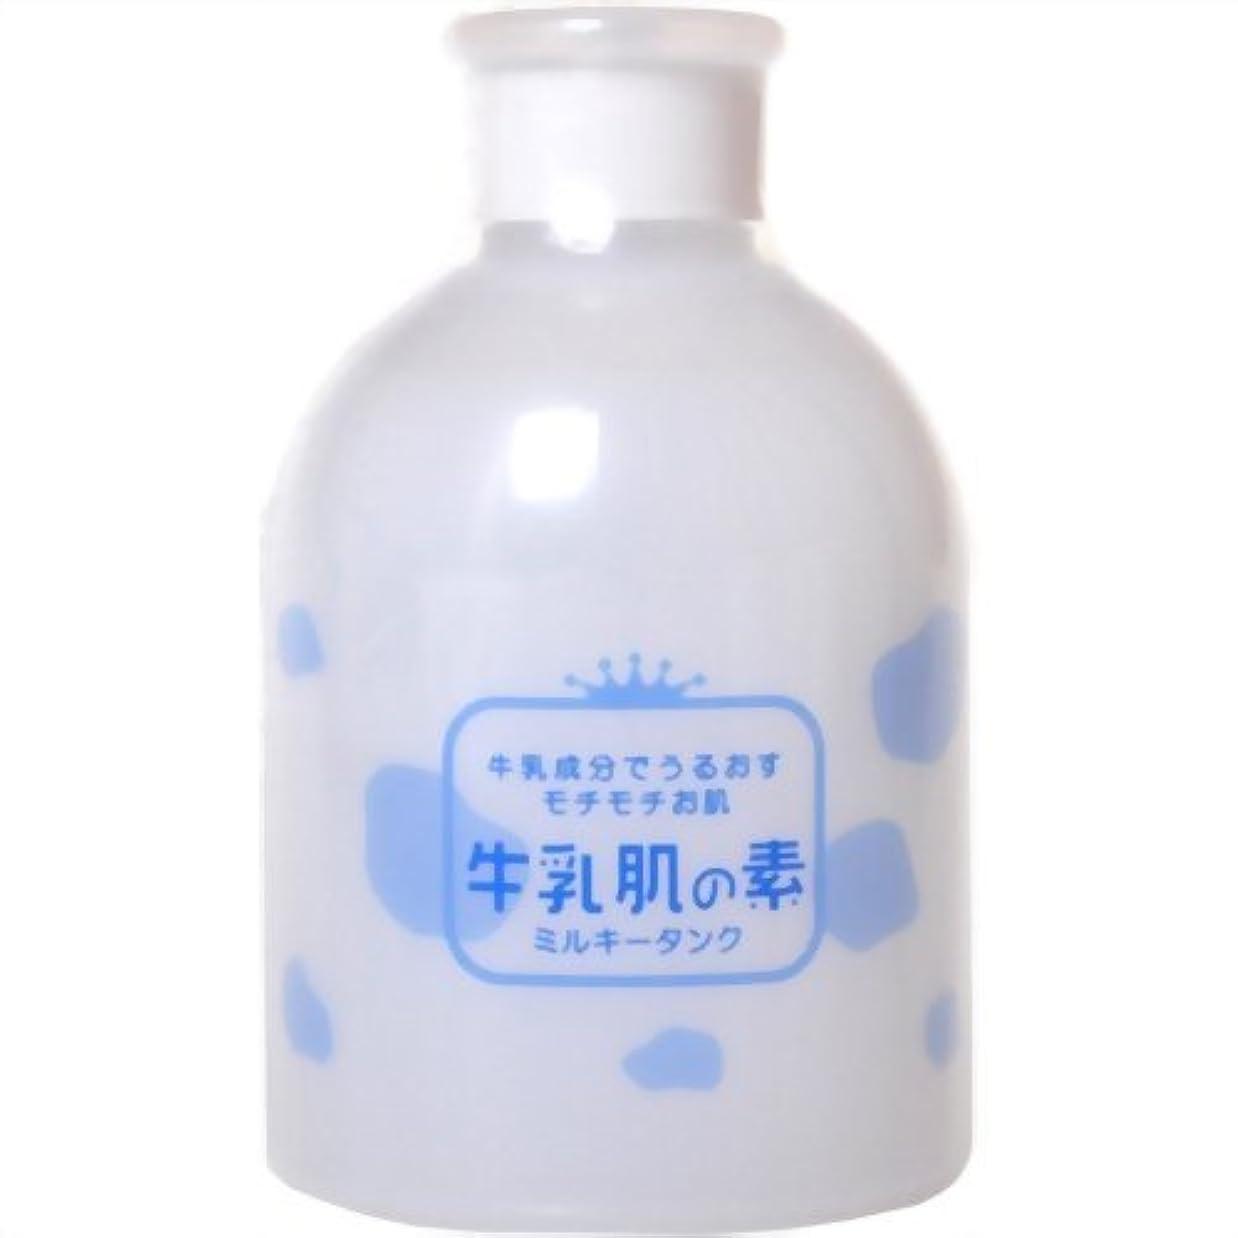 目指す帝国飛行機牛乳肌の素 ミルキータンク(化粧水) 300ml